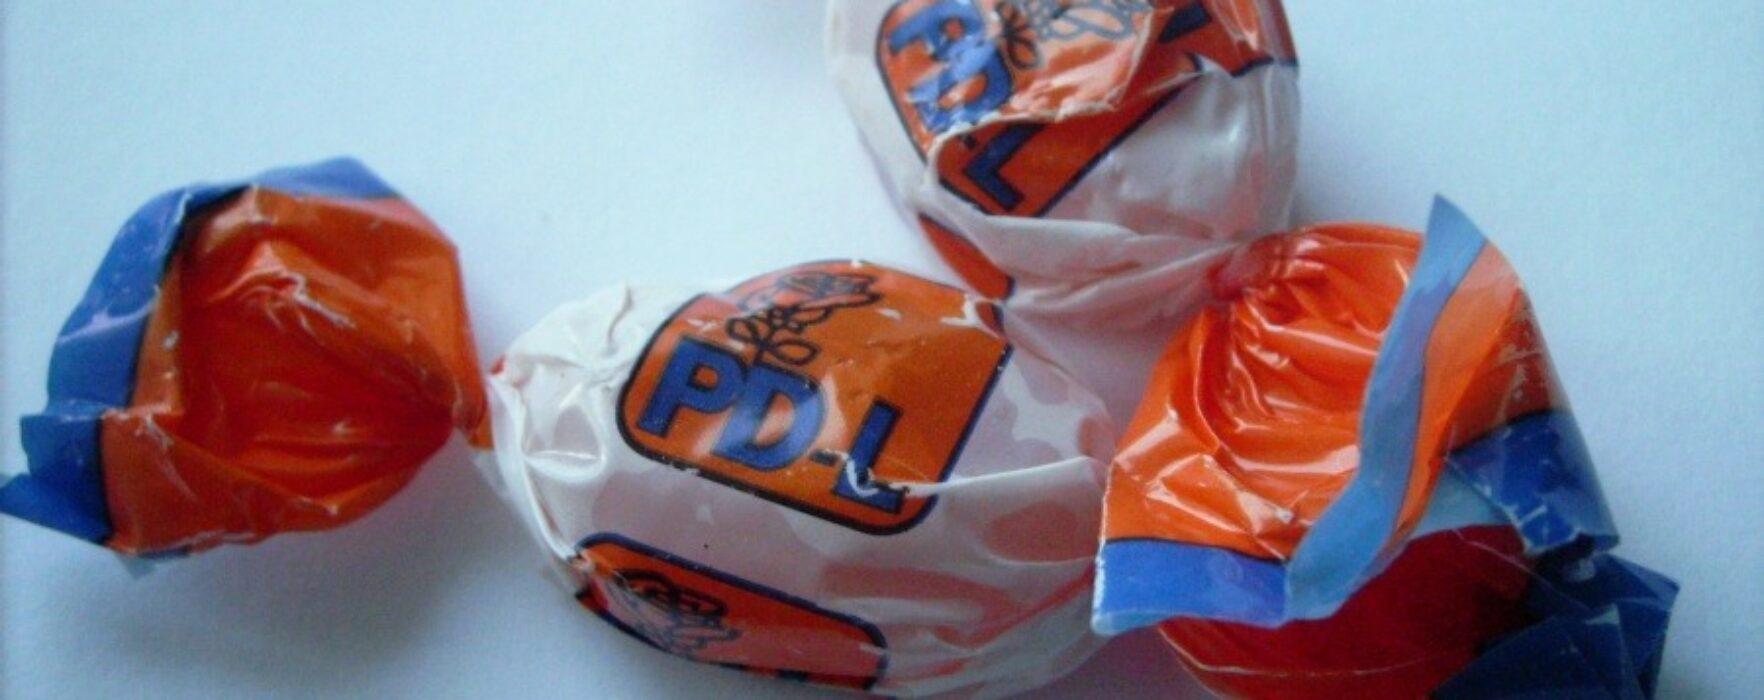 Niciun primar PDL nu a anunţat că pleacă la Mişcarea Populară, susţine liderul judeţean al PDL